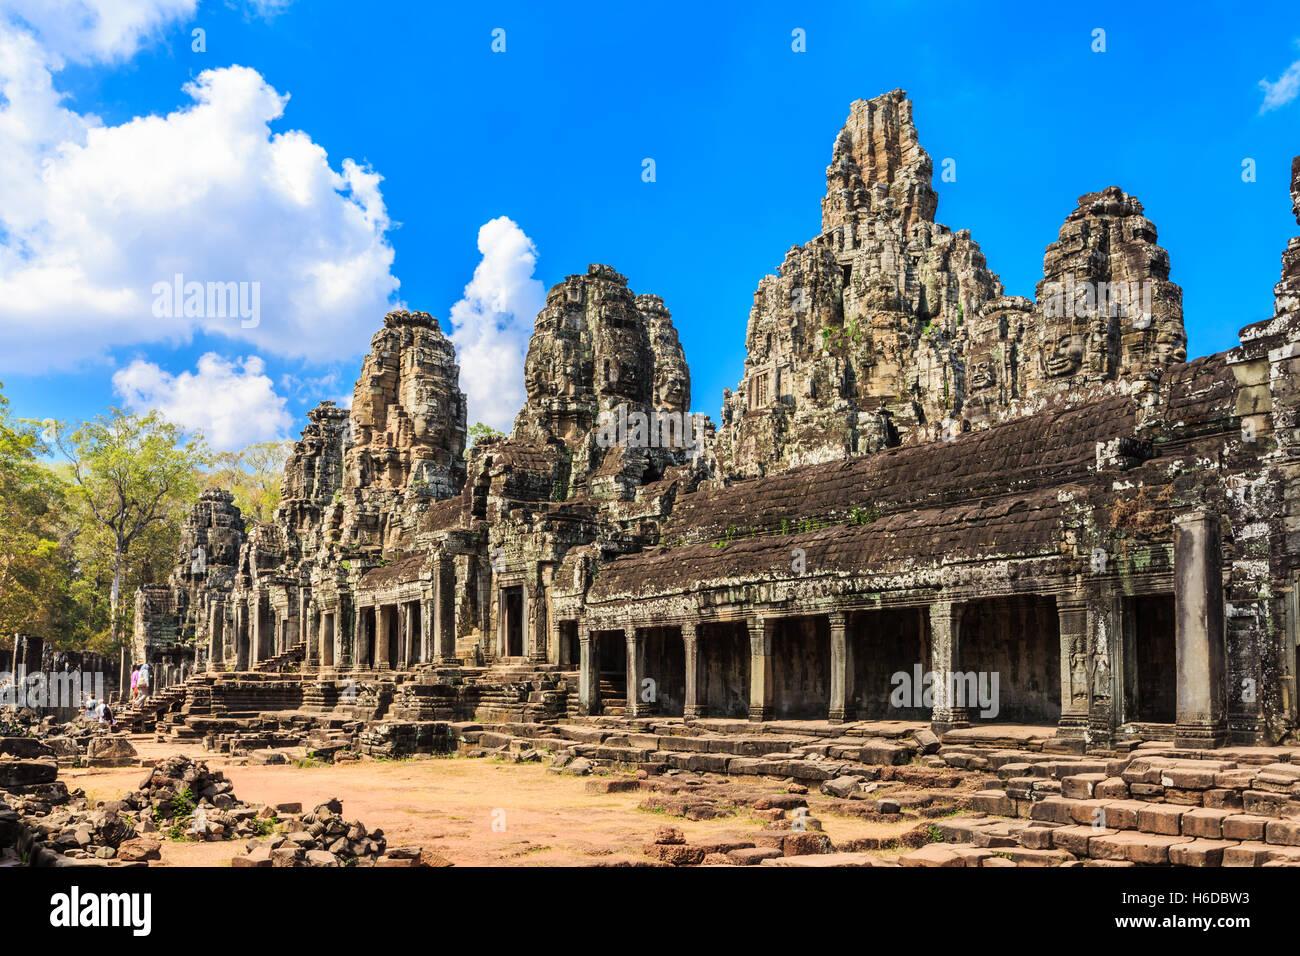 Angkor, Cambodia. Bayon Temple. - Stock Image